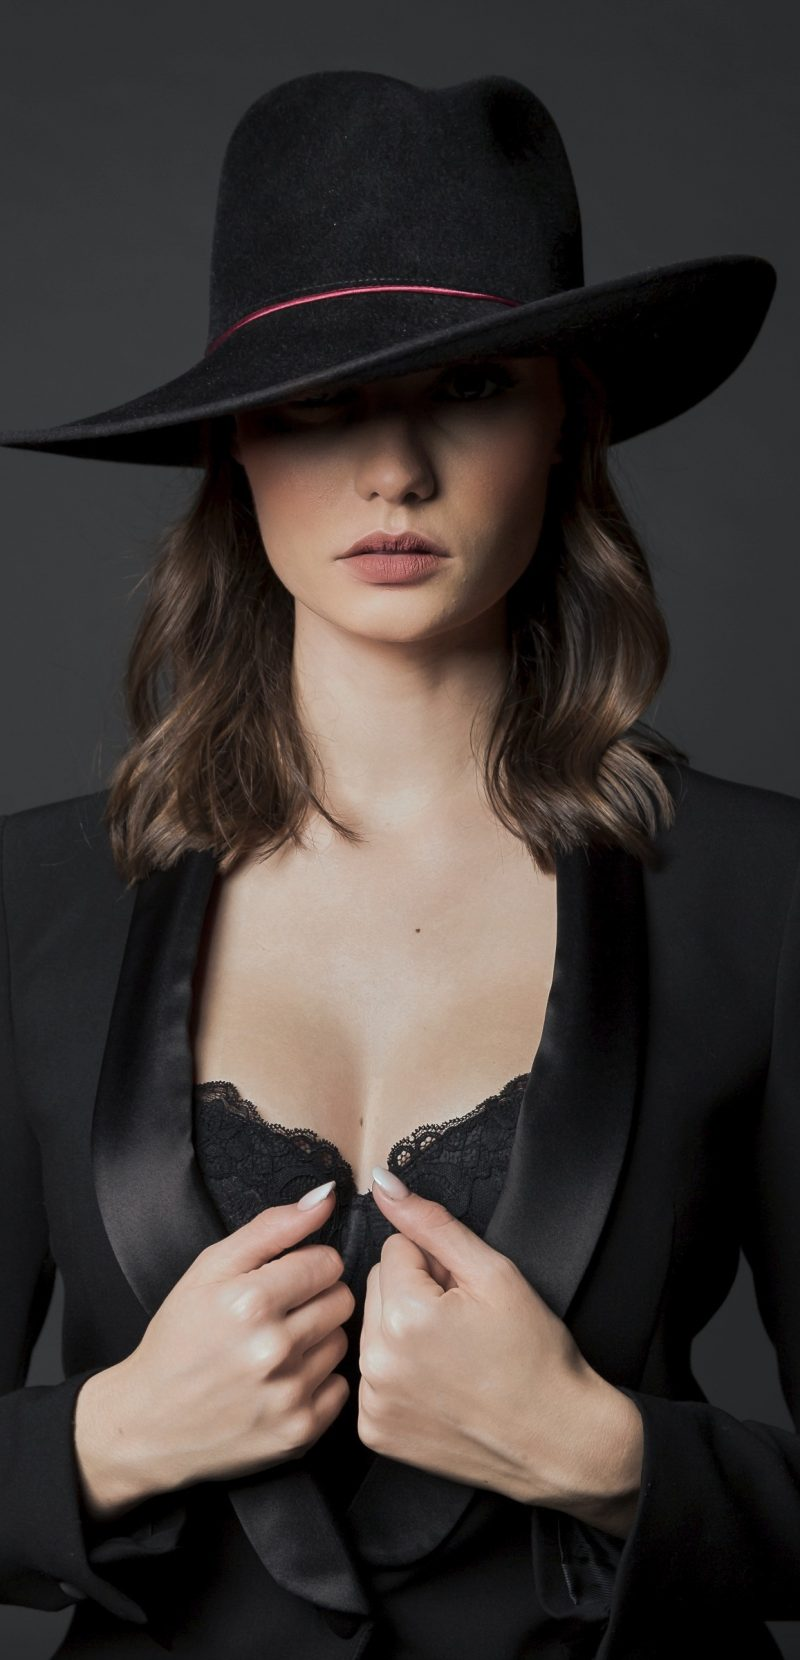 Femme élégante chapeau noir féminin masculin collection BURGANDI PARIS